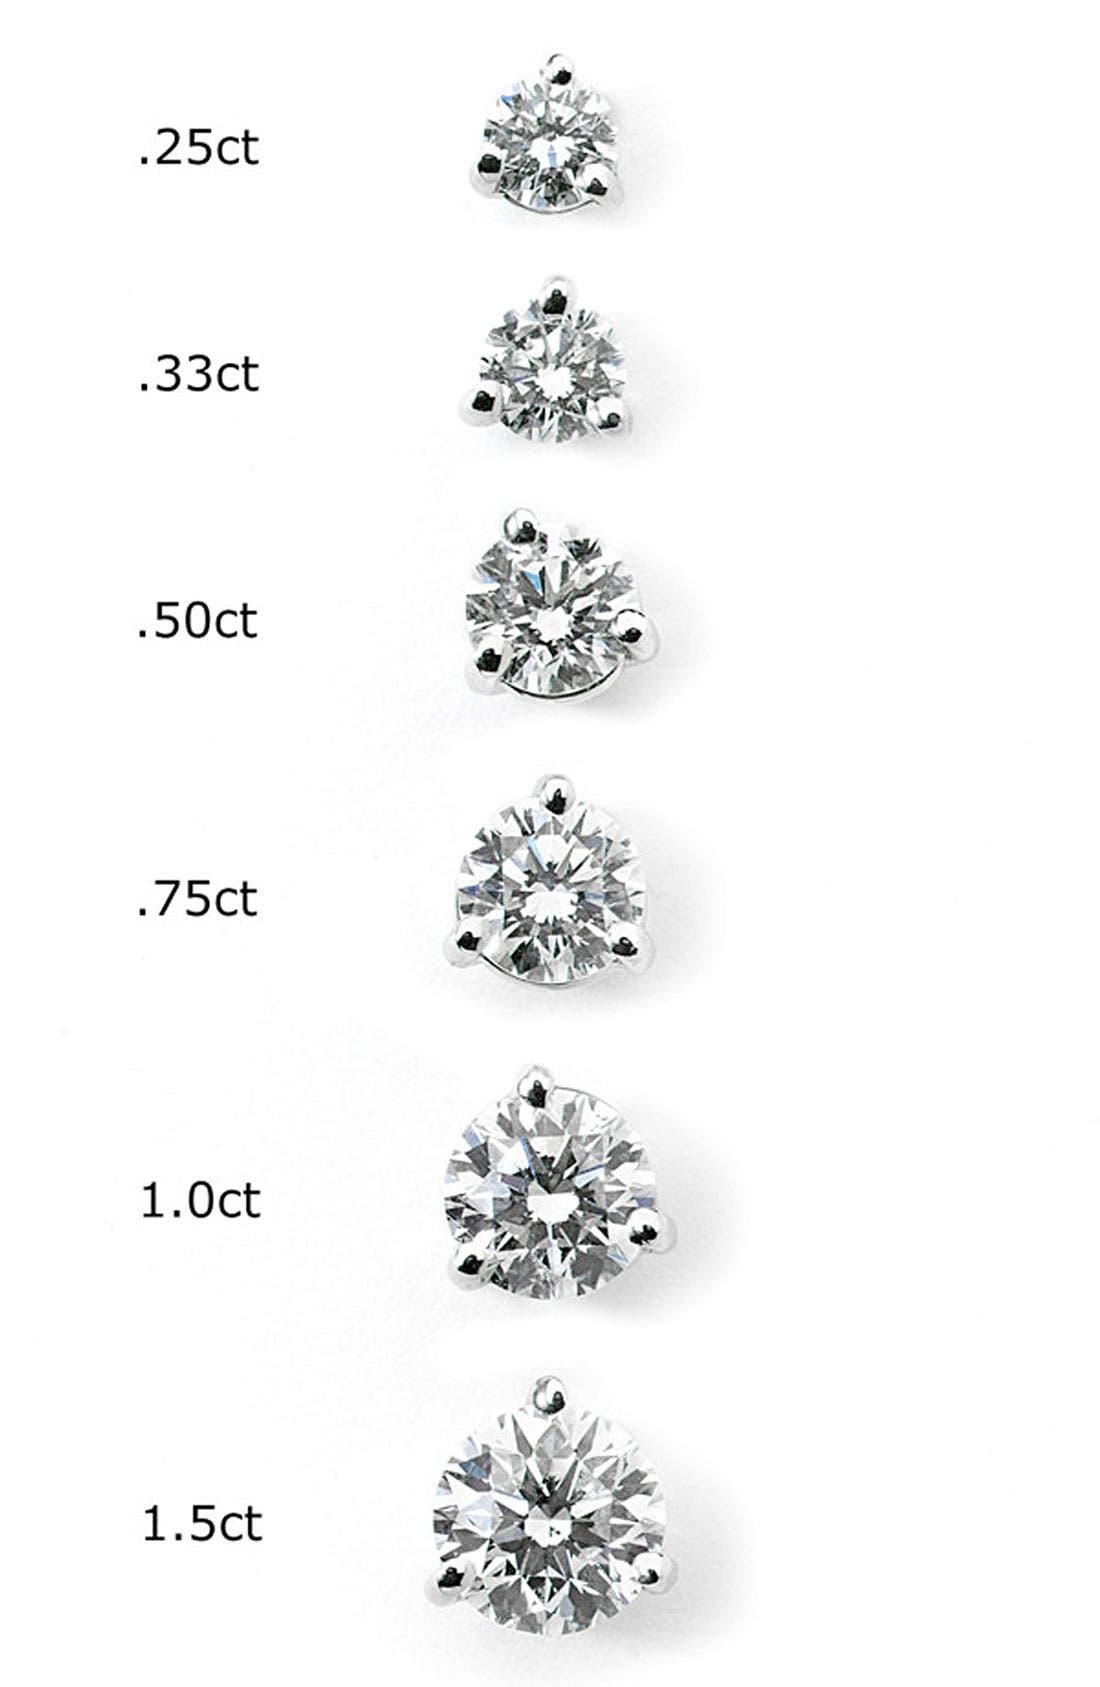 1ct tw Diamond & Platinum Stud Earrings,                             Alternate thumbnail 2, color,                             PLATINUM